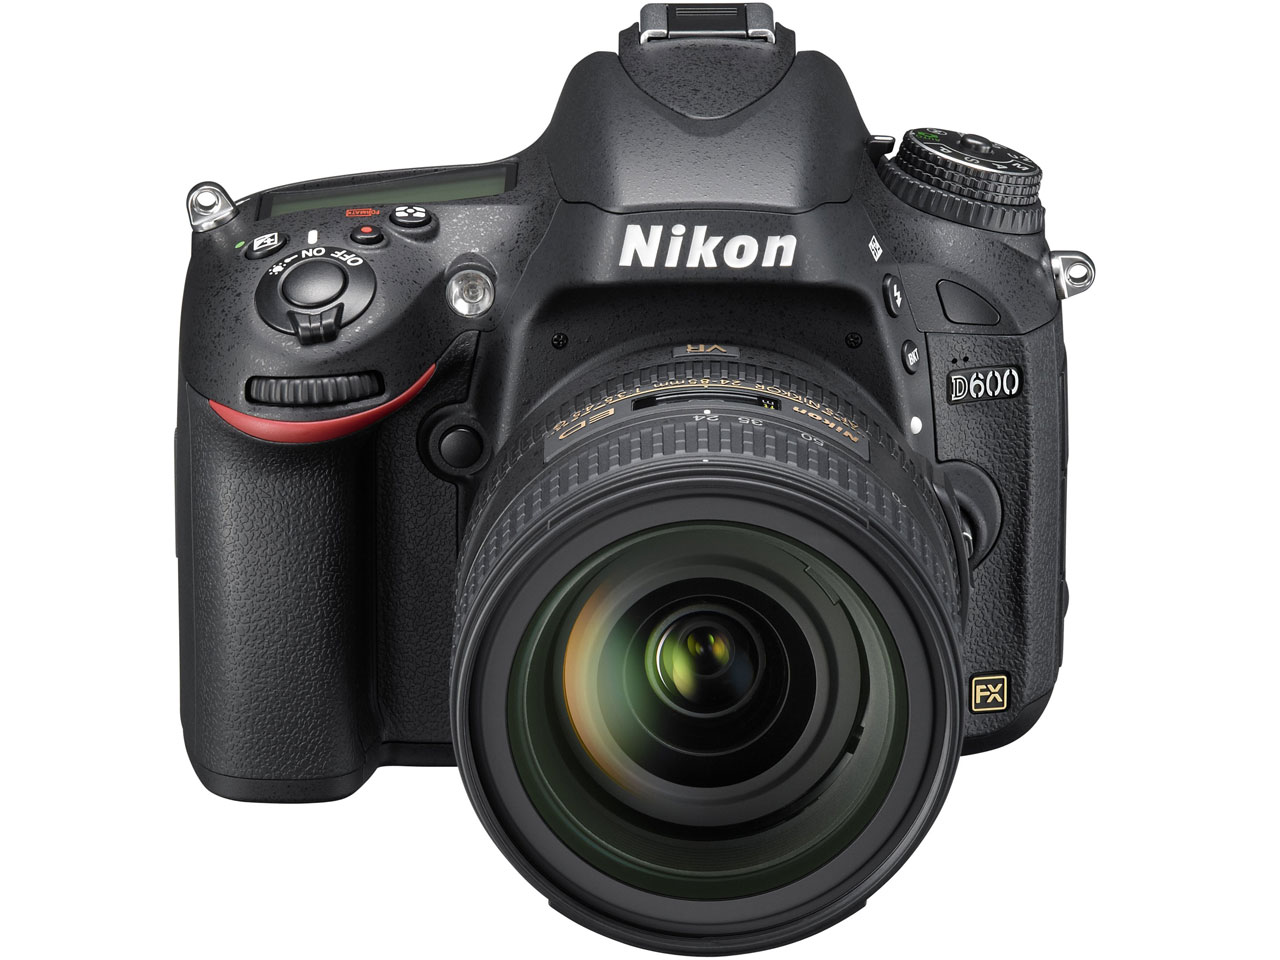 Nikon(ニコン)のD600など計4点を